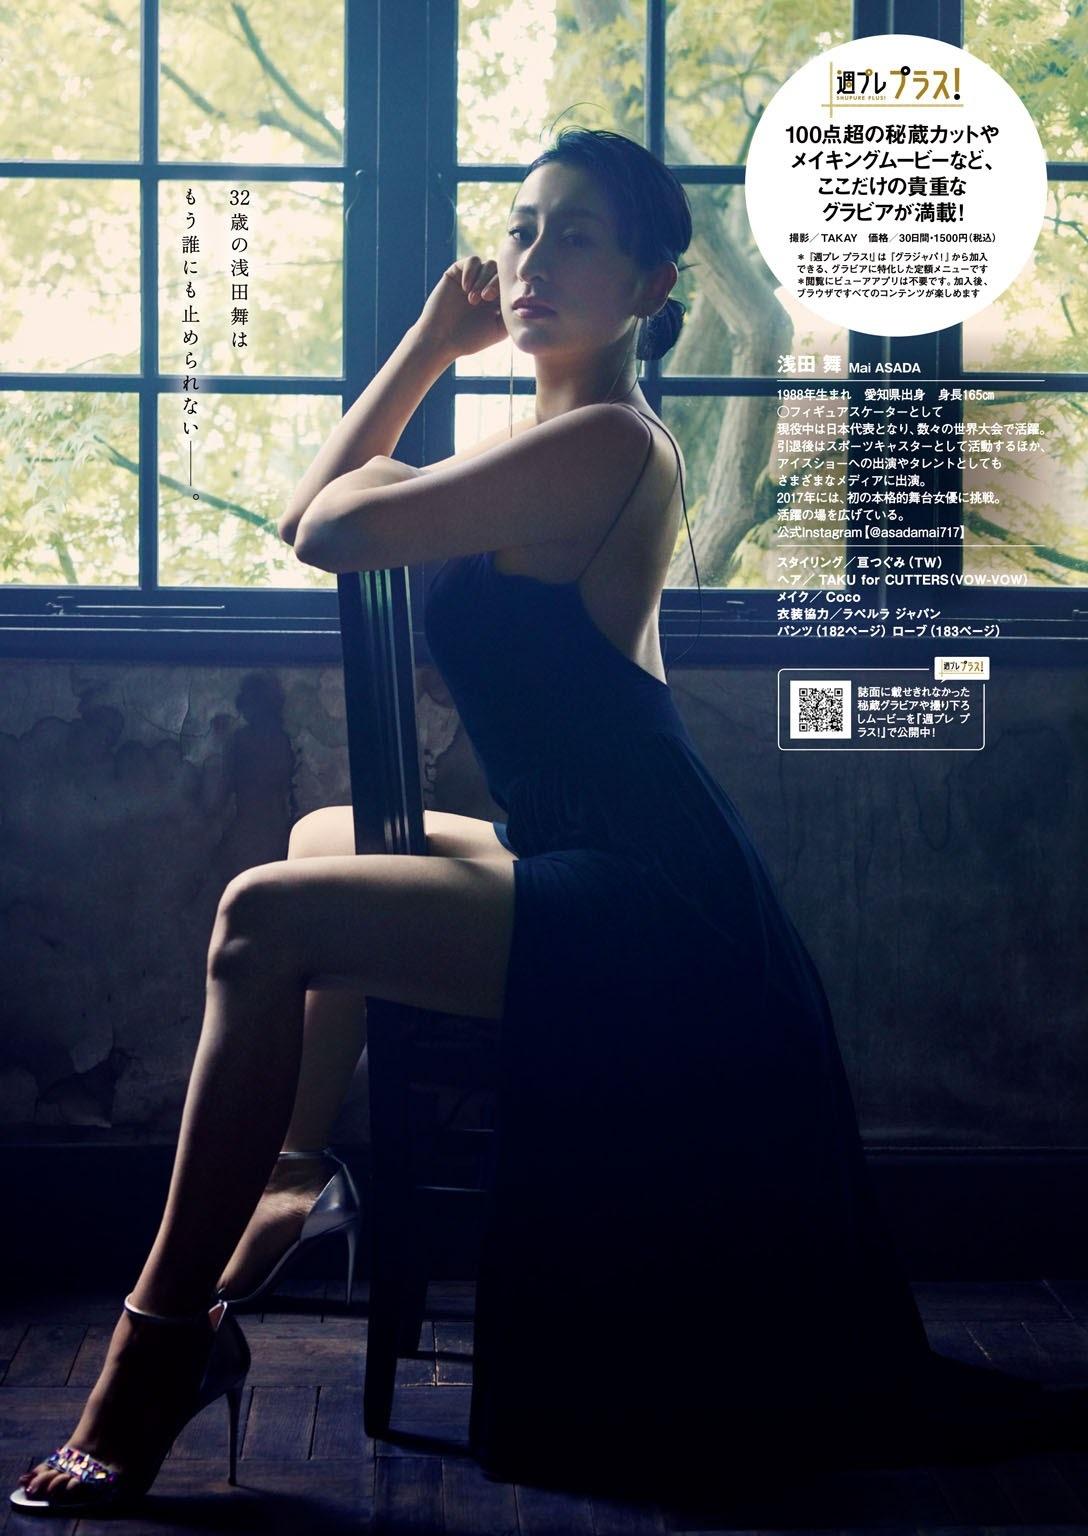 松本真理香 樱井音乃 羽柴なつみ-Weekly Playboy 2021第23期 高清套图 第61张